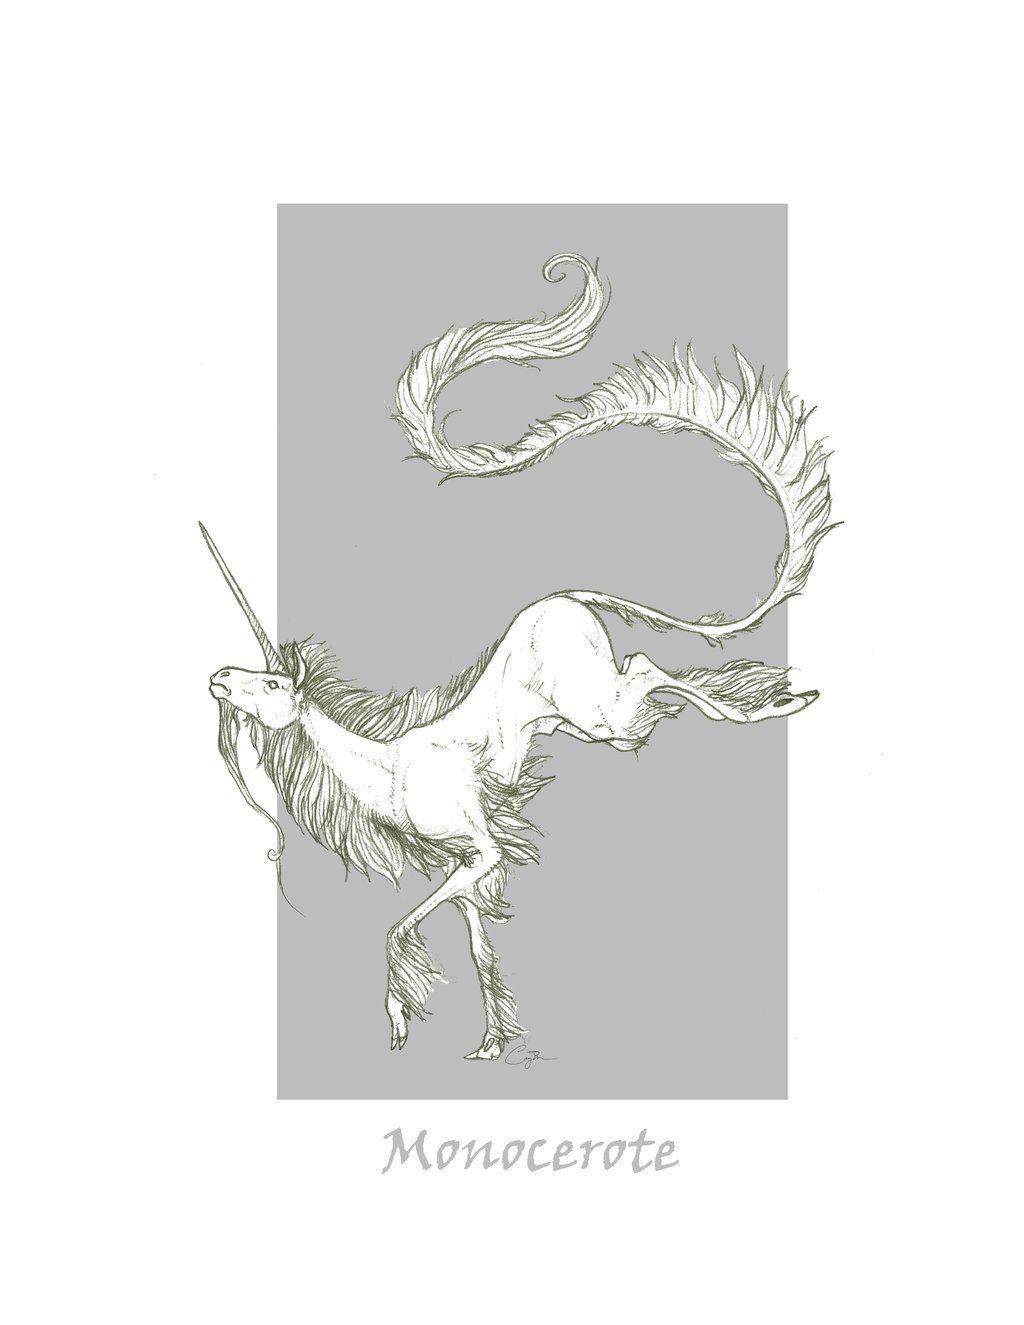 Monocerote Unicorn Unicorn Art Unicorn Mythical Creatures